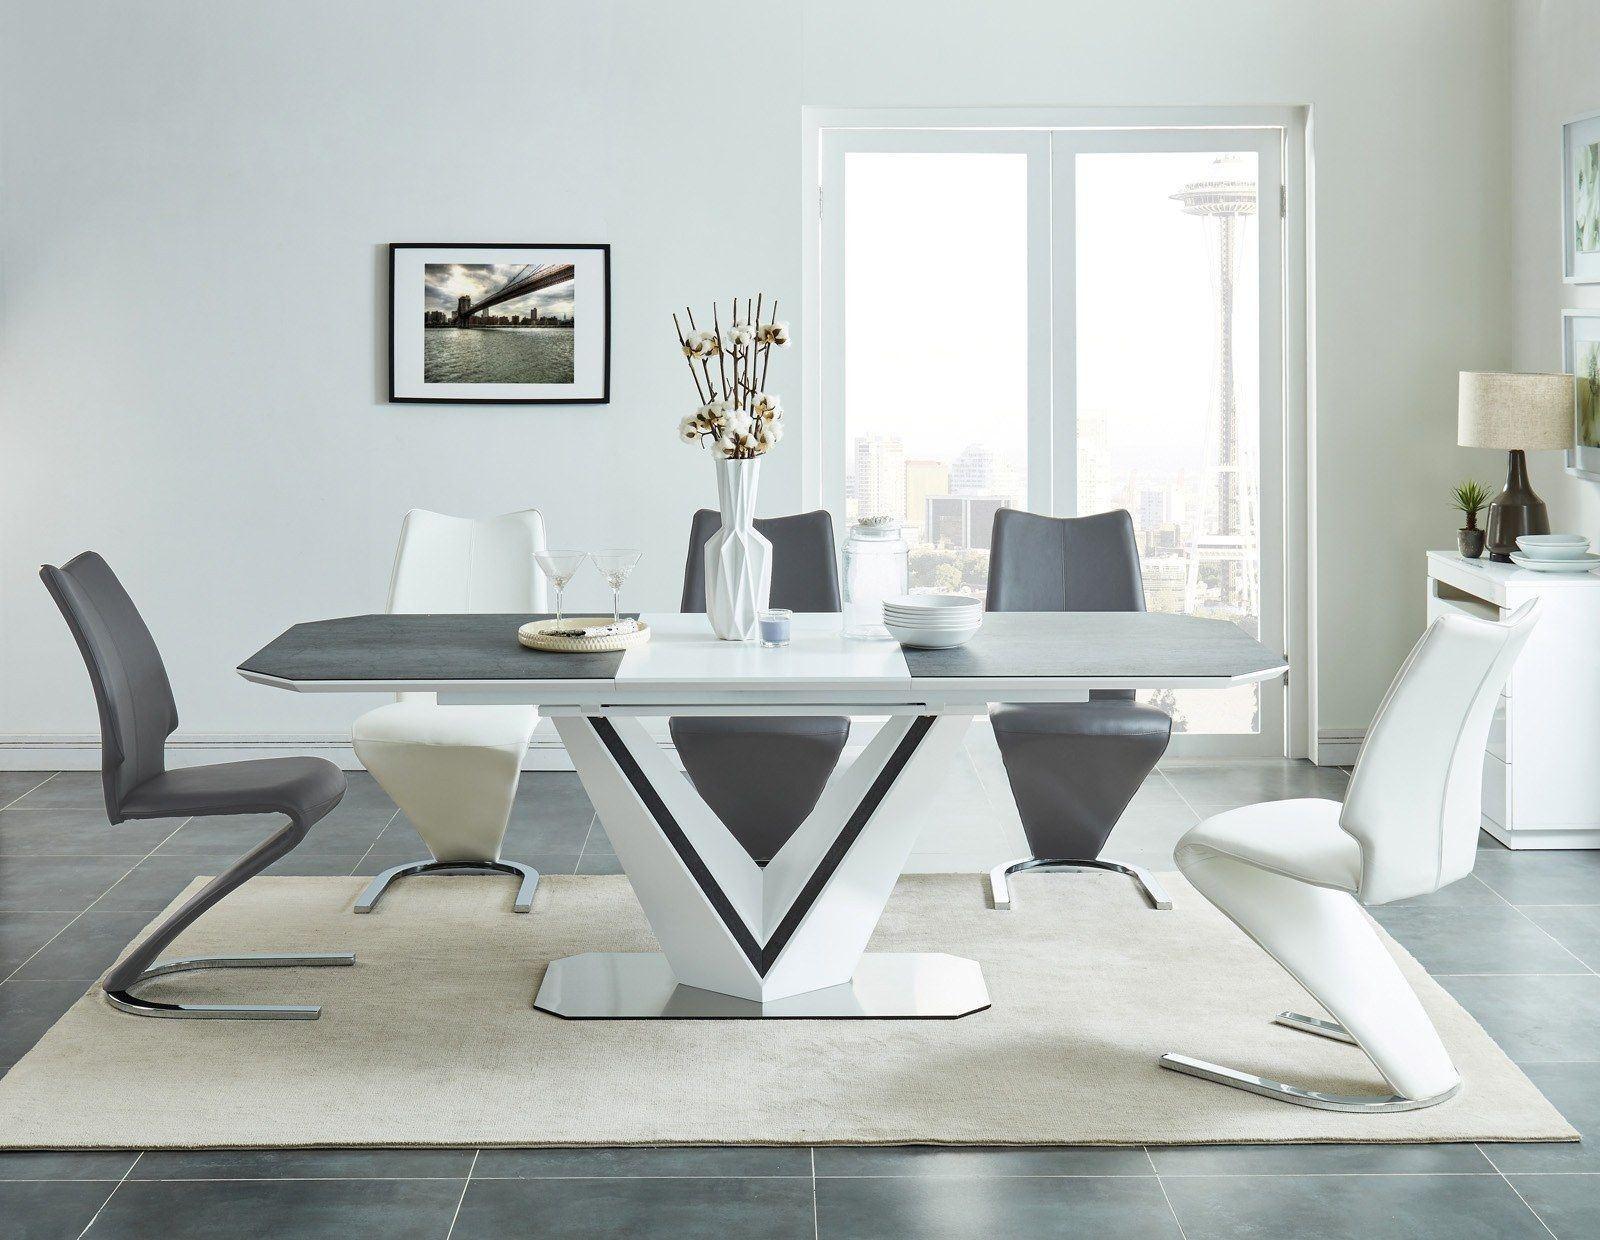 esstisch valerio keramik schwarz weiss esstische esszimmer. Black Bedroom Furniture Sets. Home Design Ideas